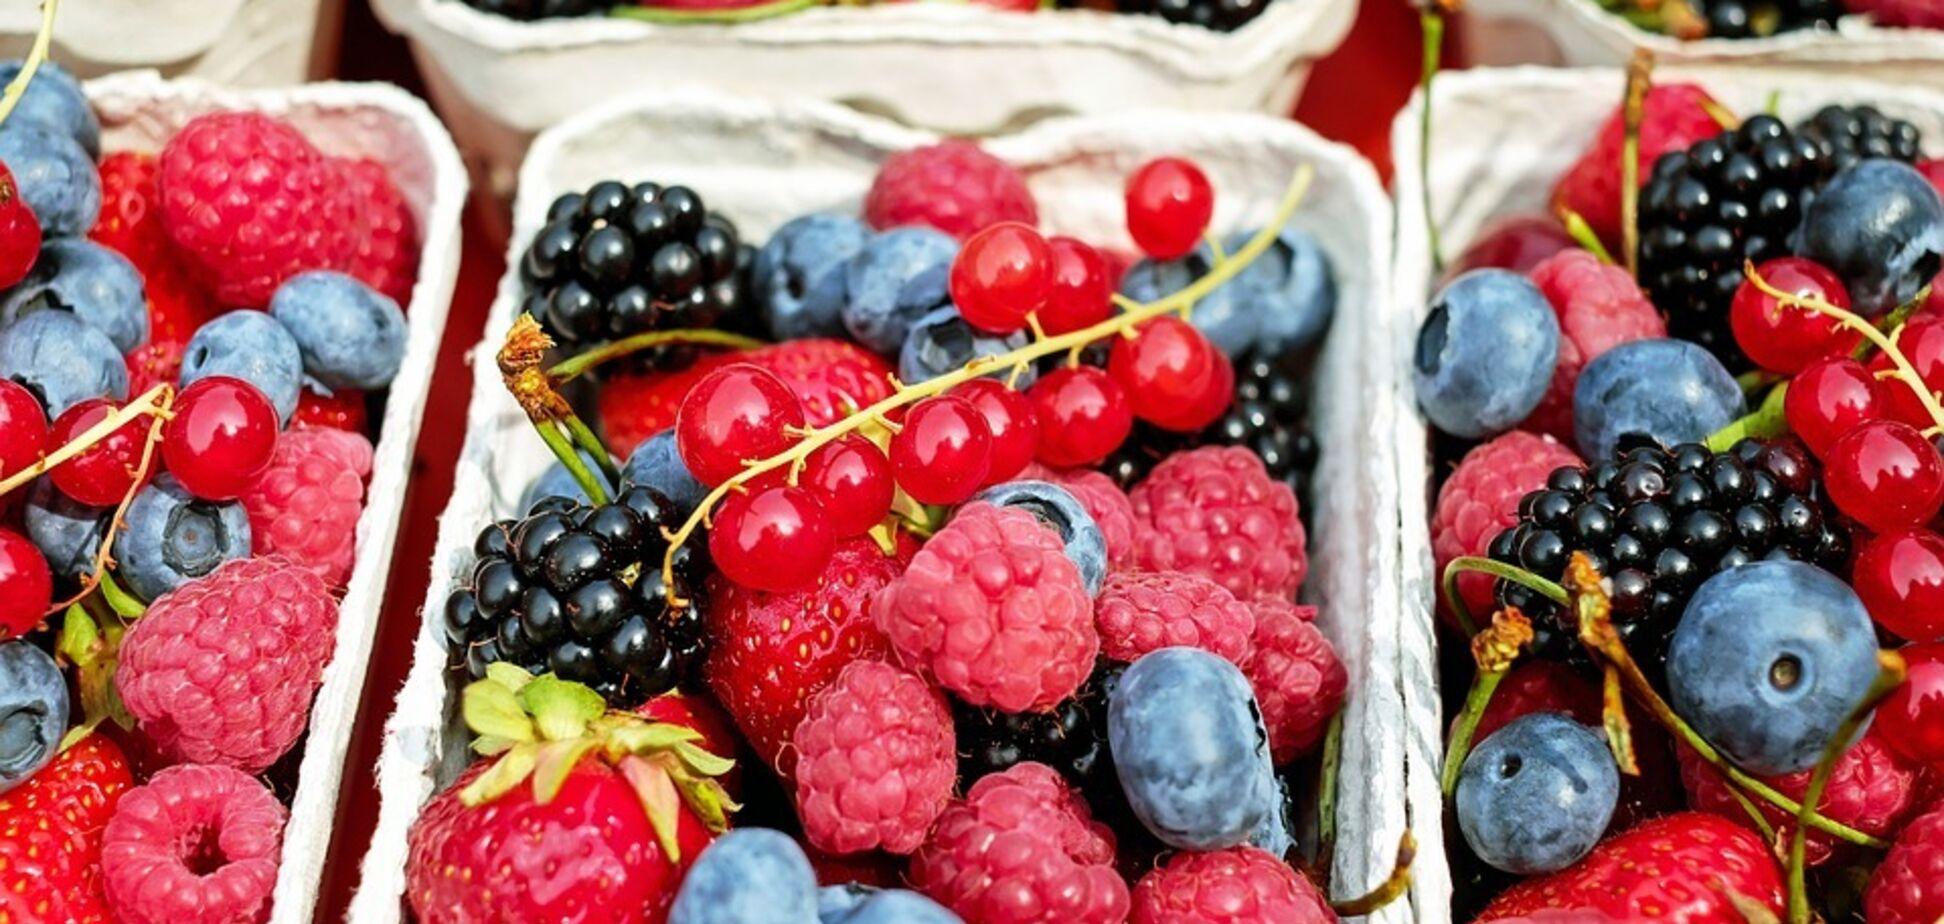 Есть ежедневно! Диетолог назвала ягоды для красоты и здоровья